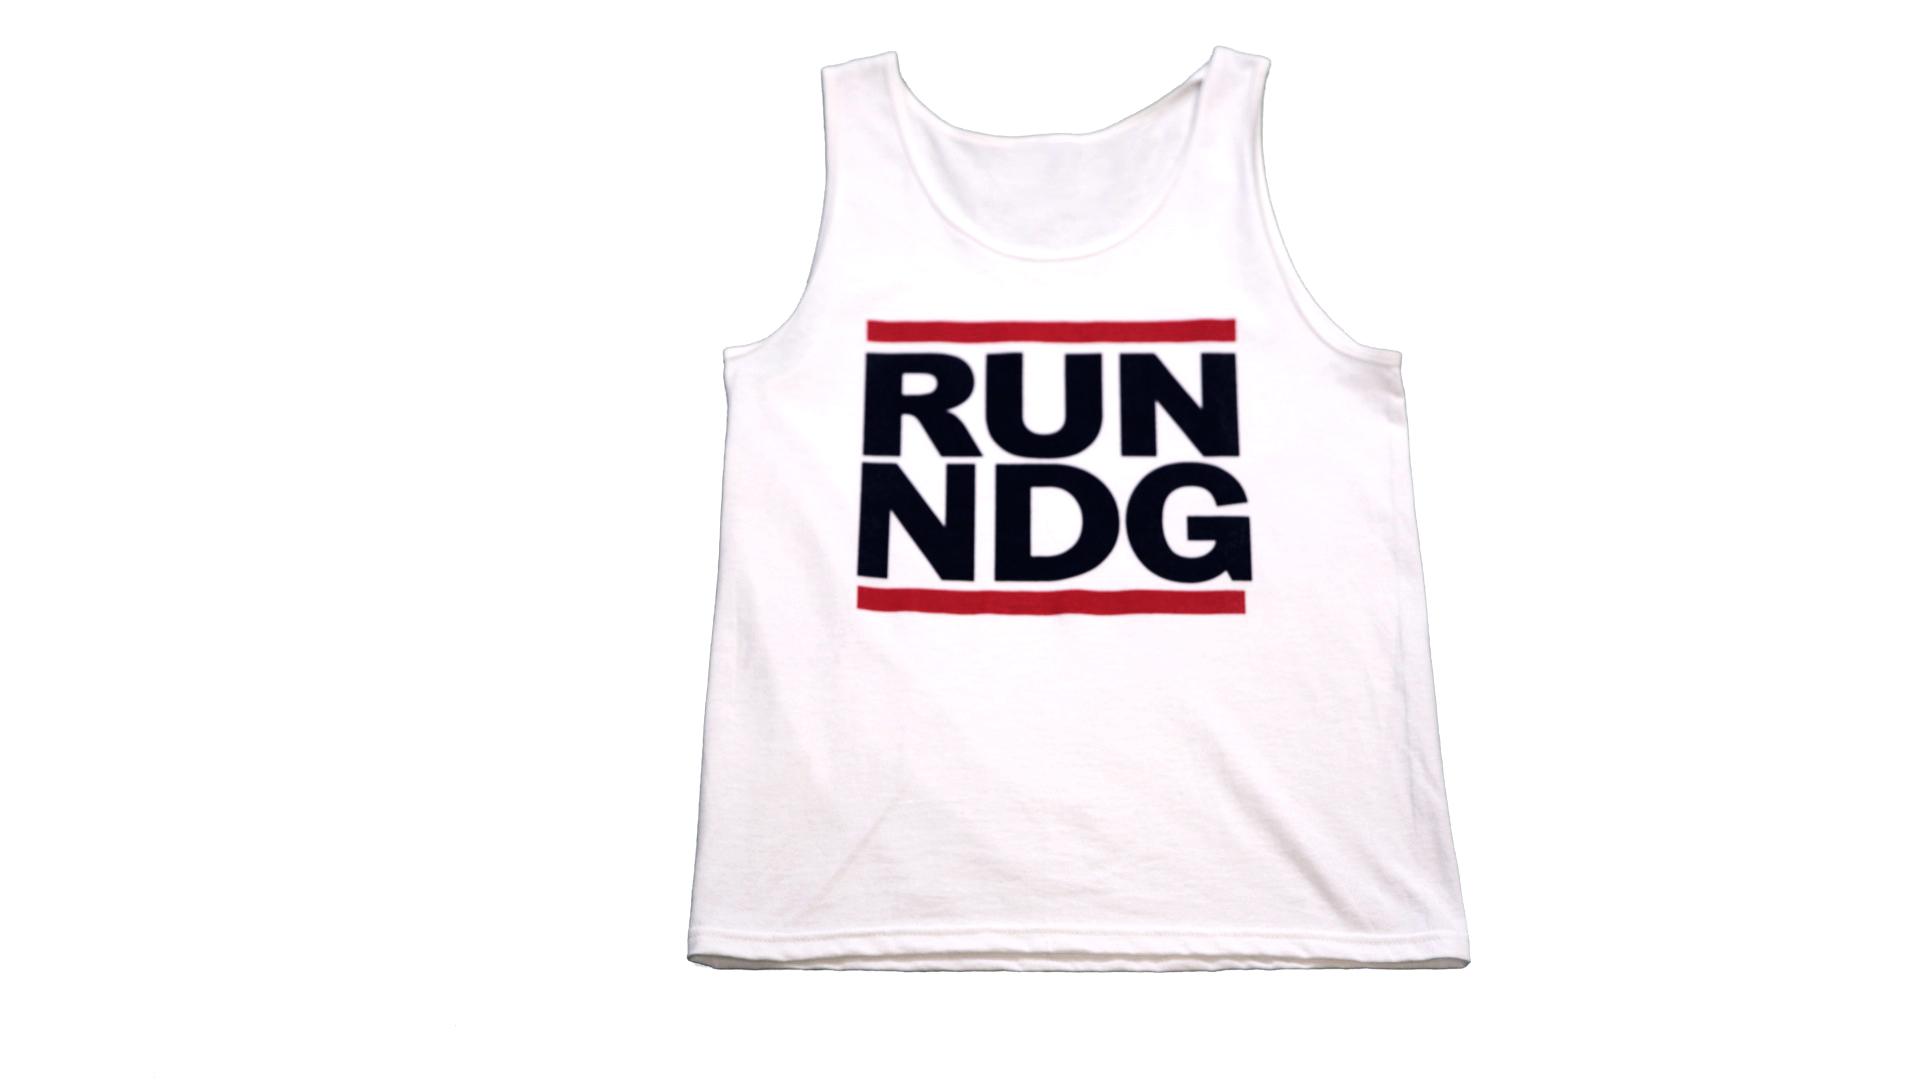 RunNDG2 copy.jpg